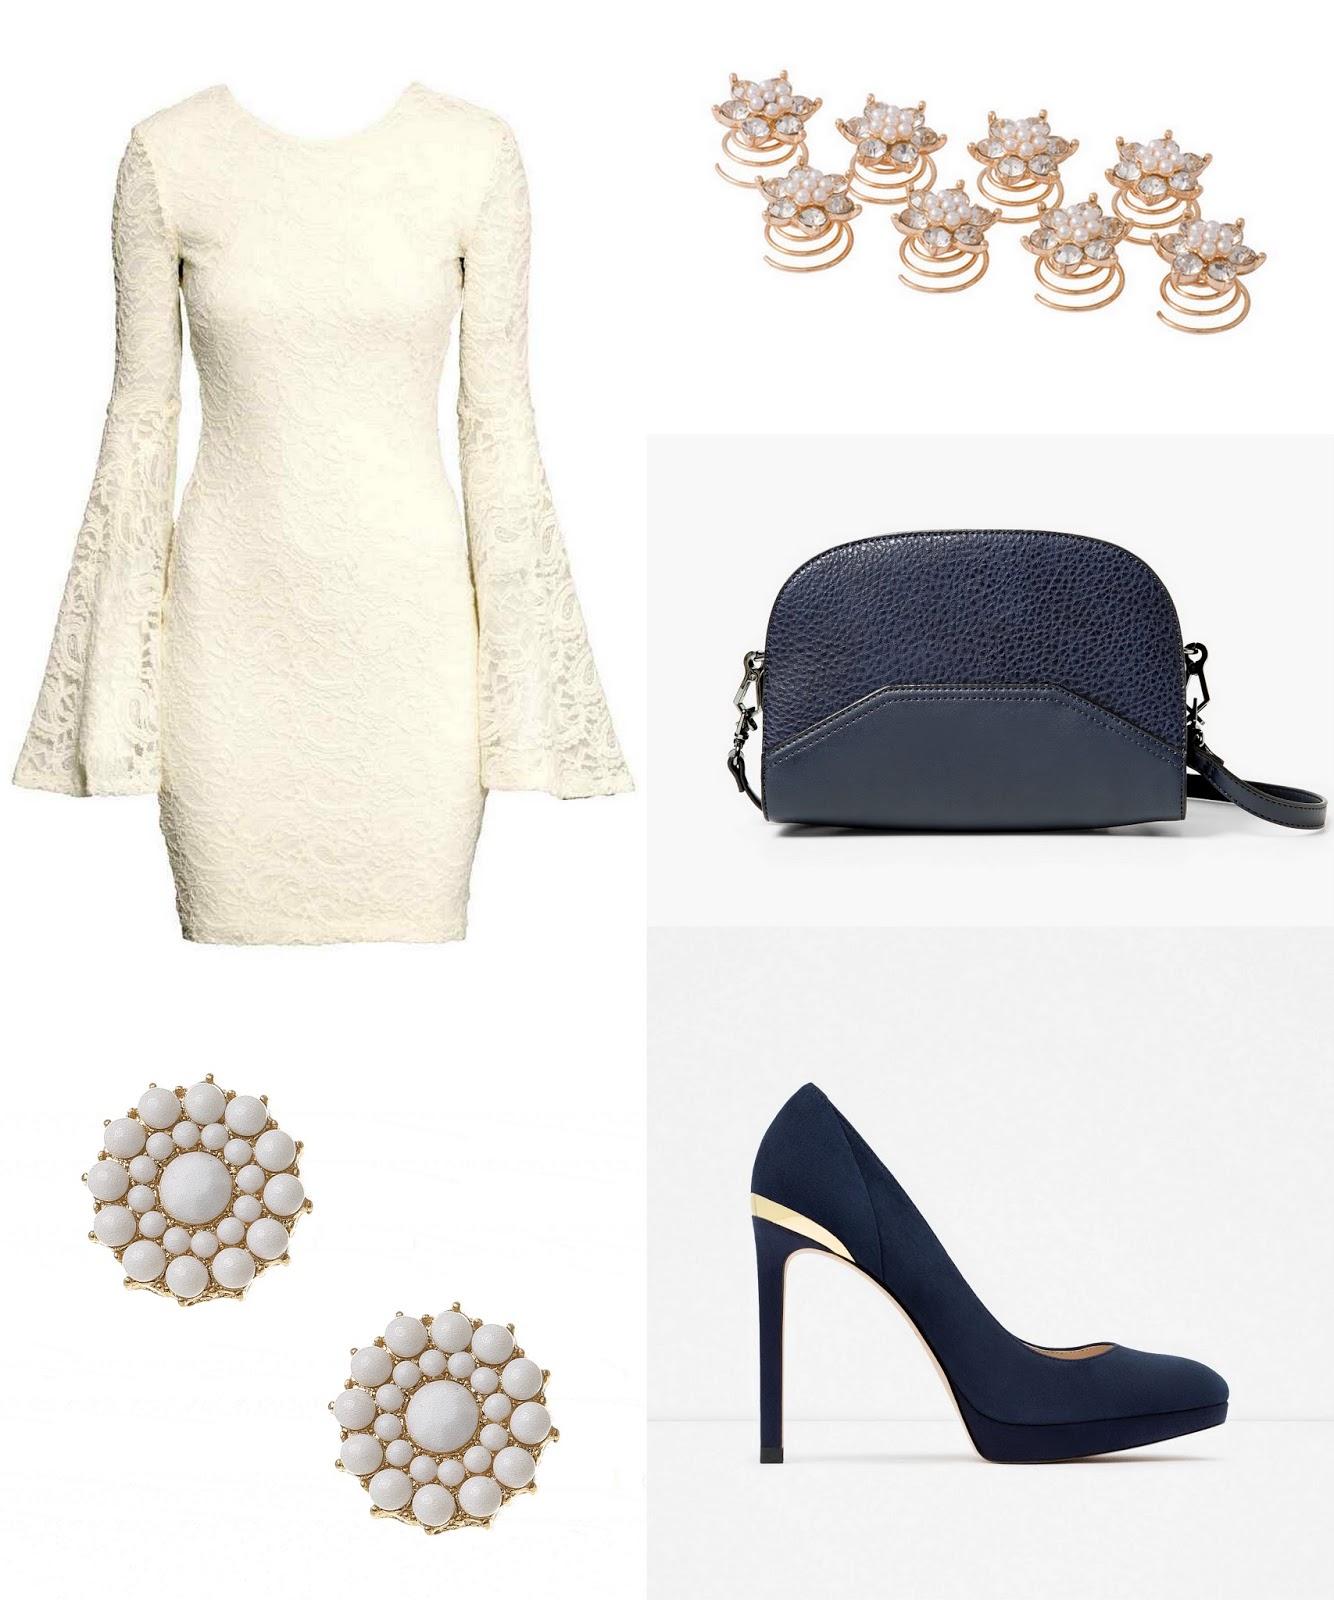 ef8d3d87fb Az utolsó fehér ruha egy tipikus alapruha, amihez kellenek a kiegészítők,  hogy lehengerlő hatást keltsen. A kék-fekete szandál és a csillogó  borítéktáska ...